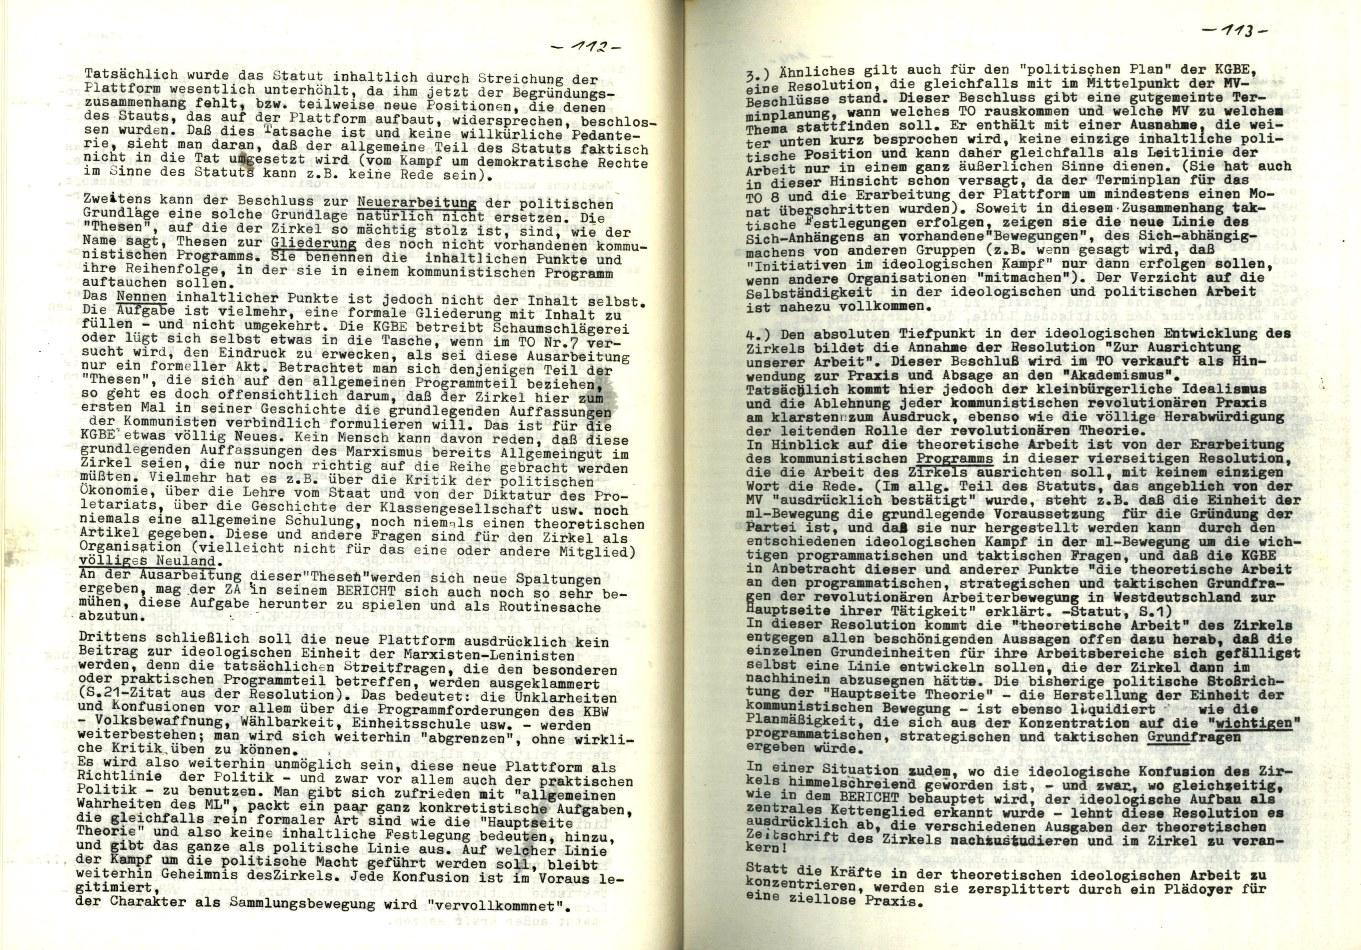 KGBE_Ehemalige_1977_Kritik_an_der_KGBE_60